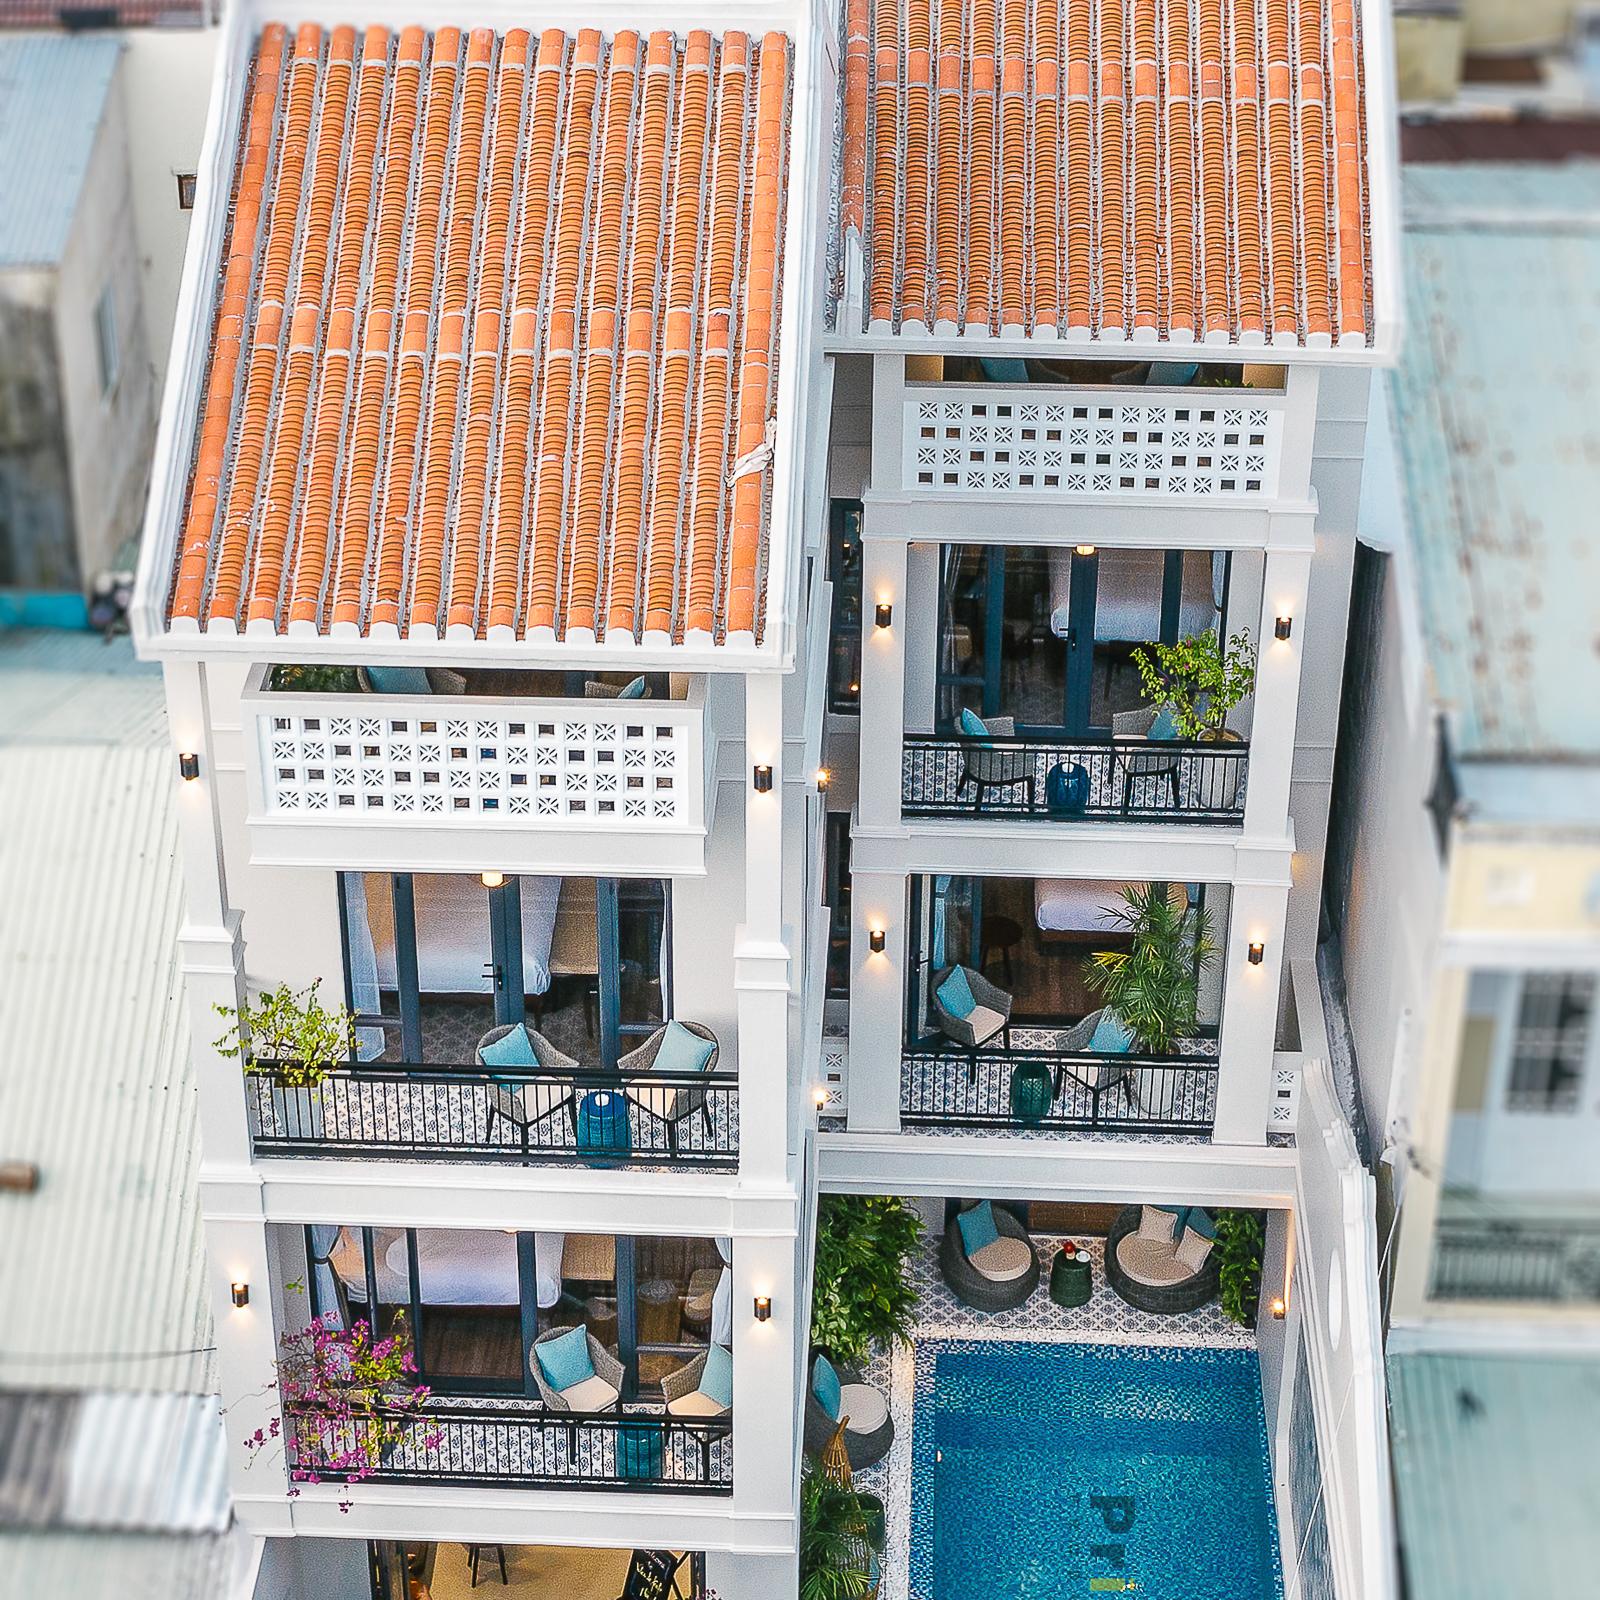 13 2 - Khách sạn Volar de Hoian